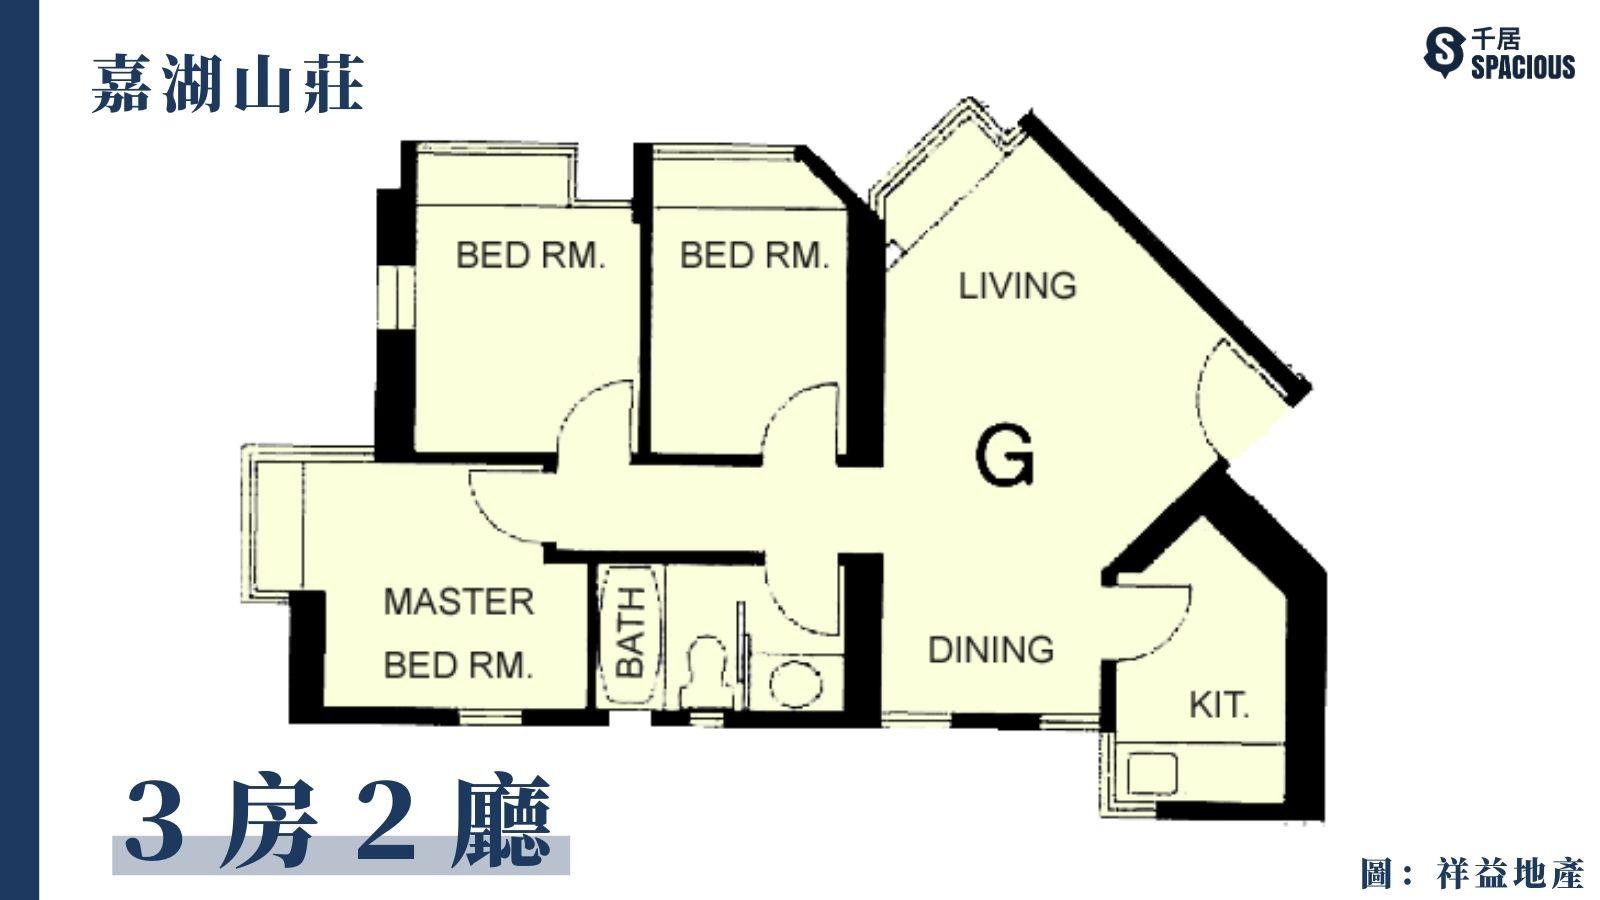 嘉湖山莊-細3房2廳平面圖